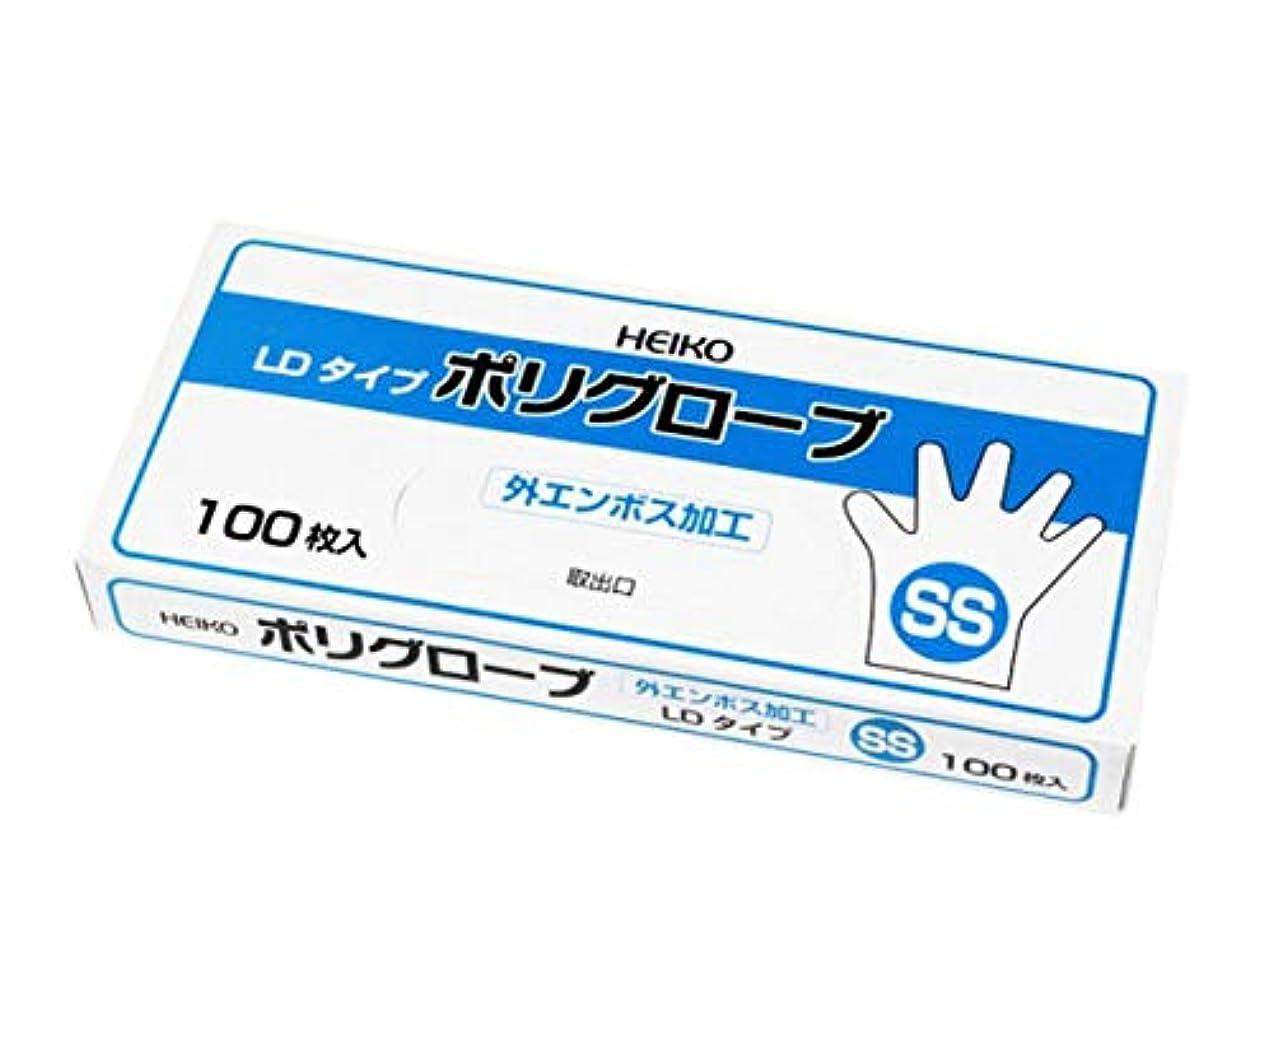 きらめき半円別にHEIKO ポリグローブ ポリLD 外エンボス100入 SS 100枚/62-1021-93